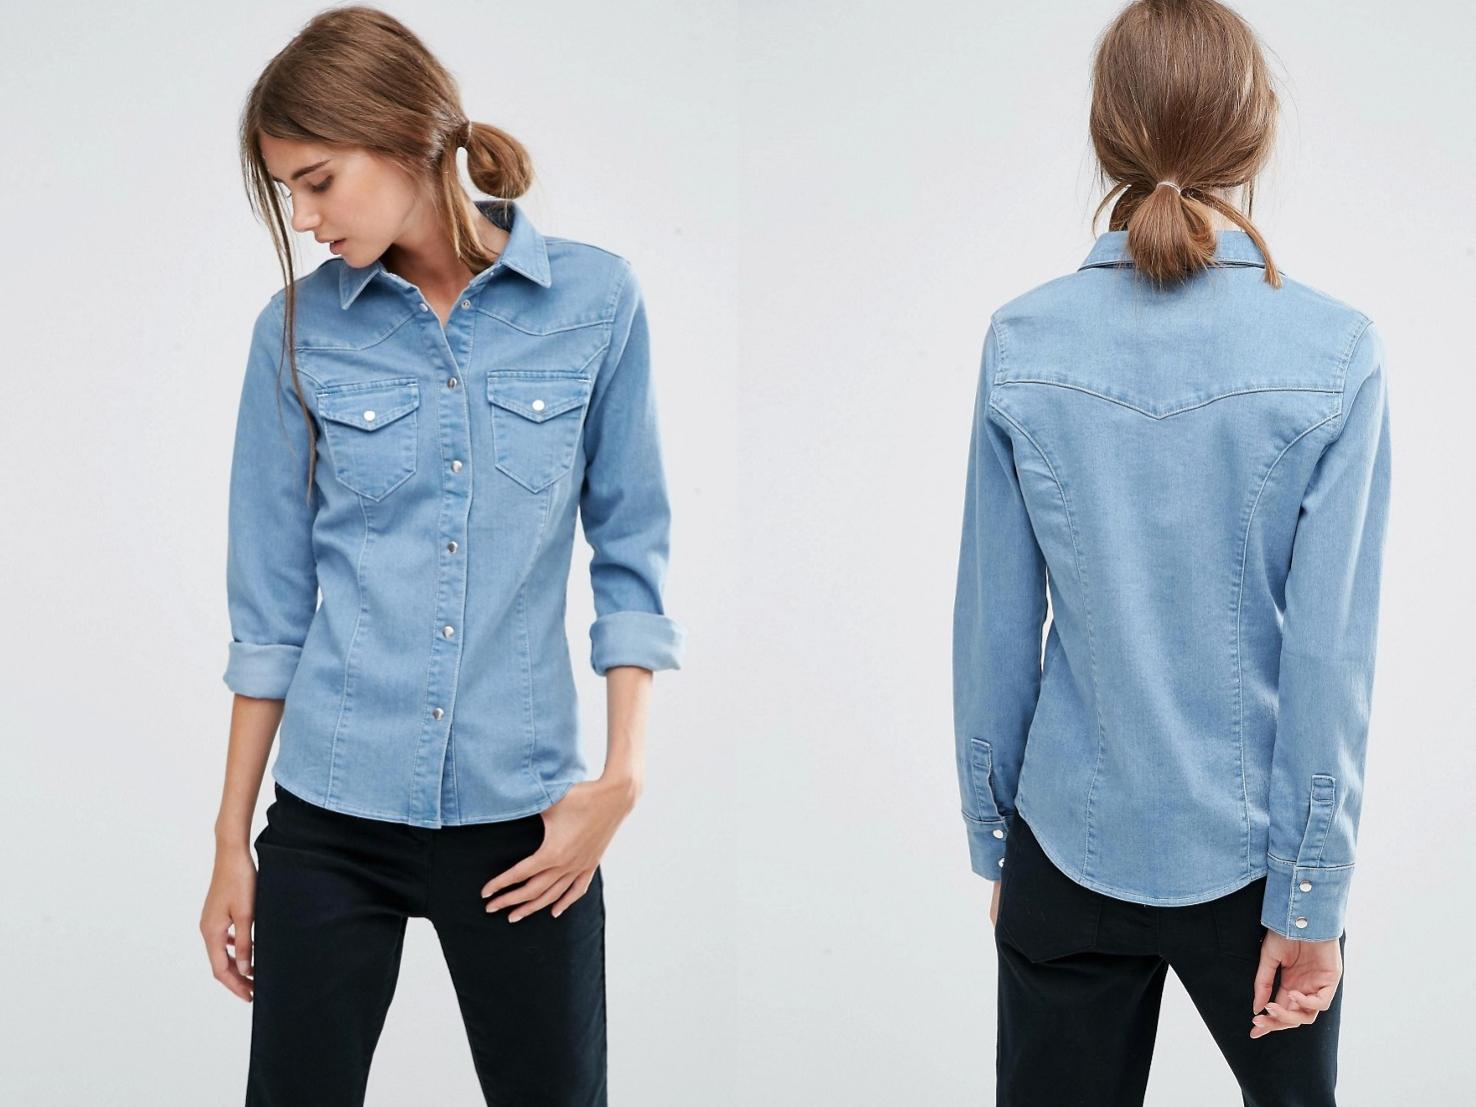 616ed8cf095989 jeansowa damska koszula z kieszeniami XL/42 - 7301383333 - oficjalne ...